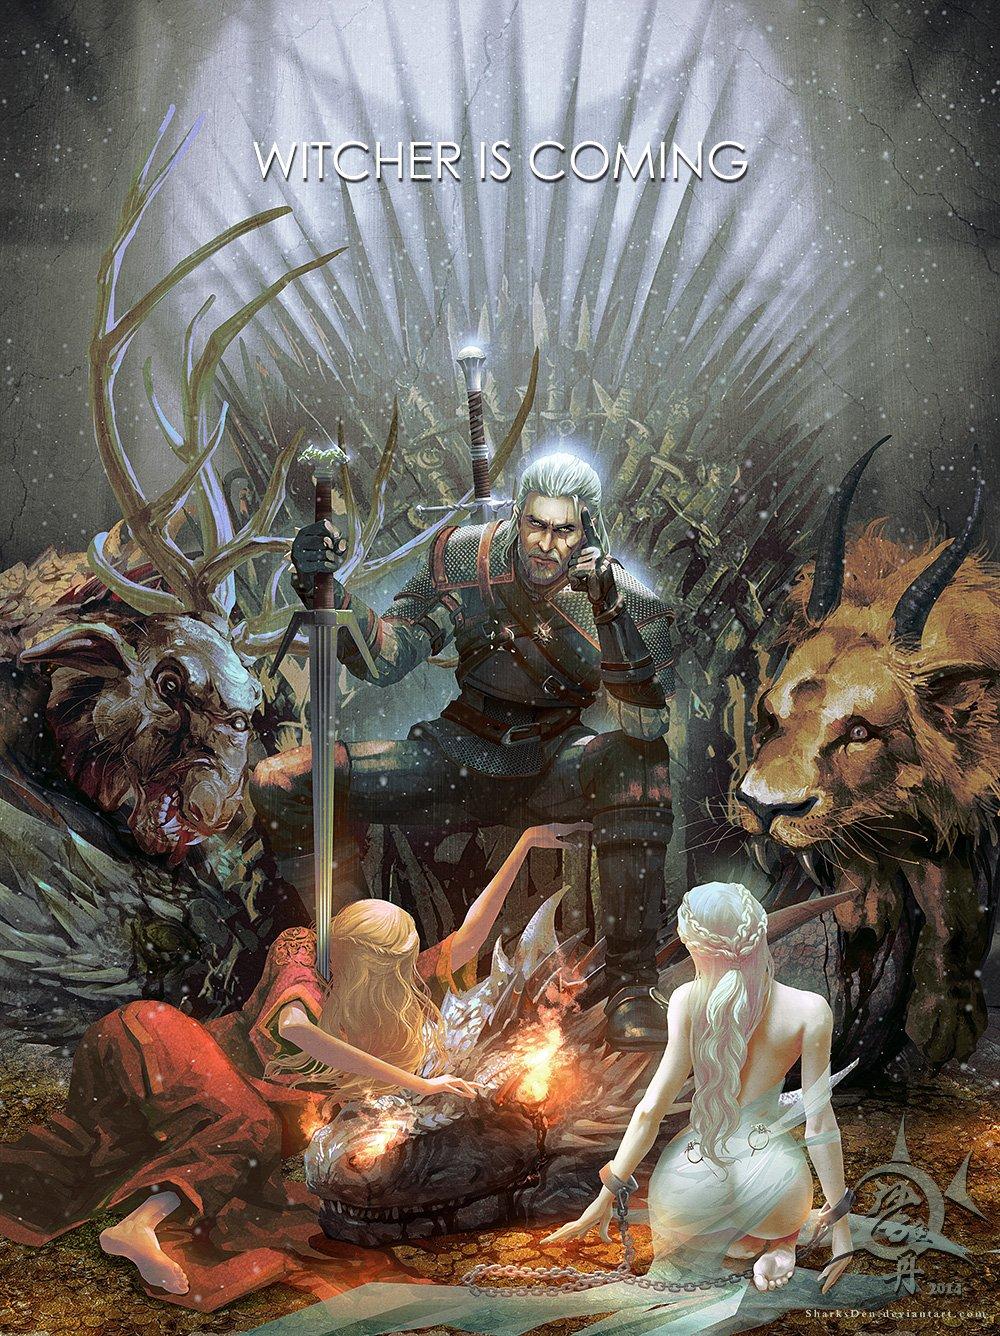 Witcher is coming, китайский художник на польскую игру с намёком на американский сериал - Изображение 1